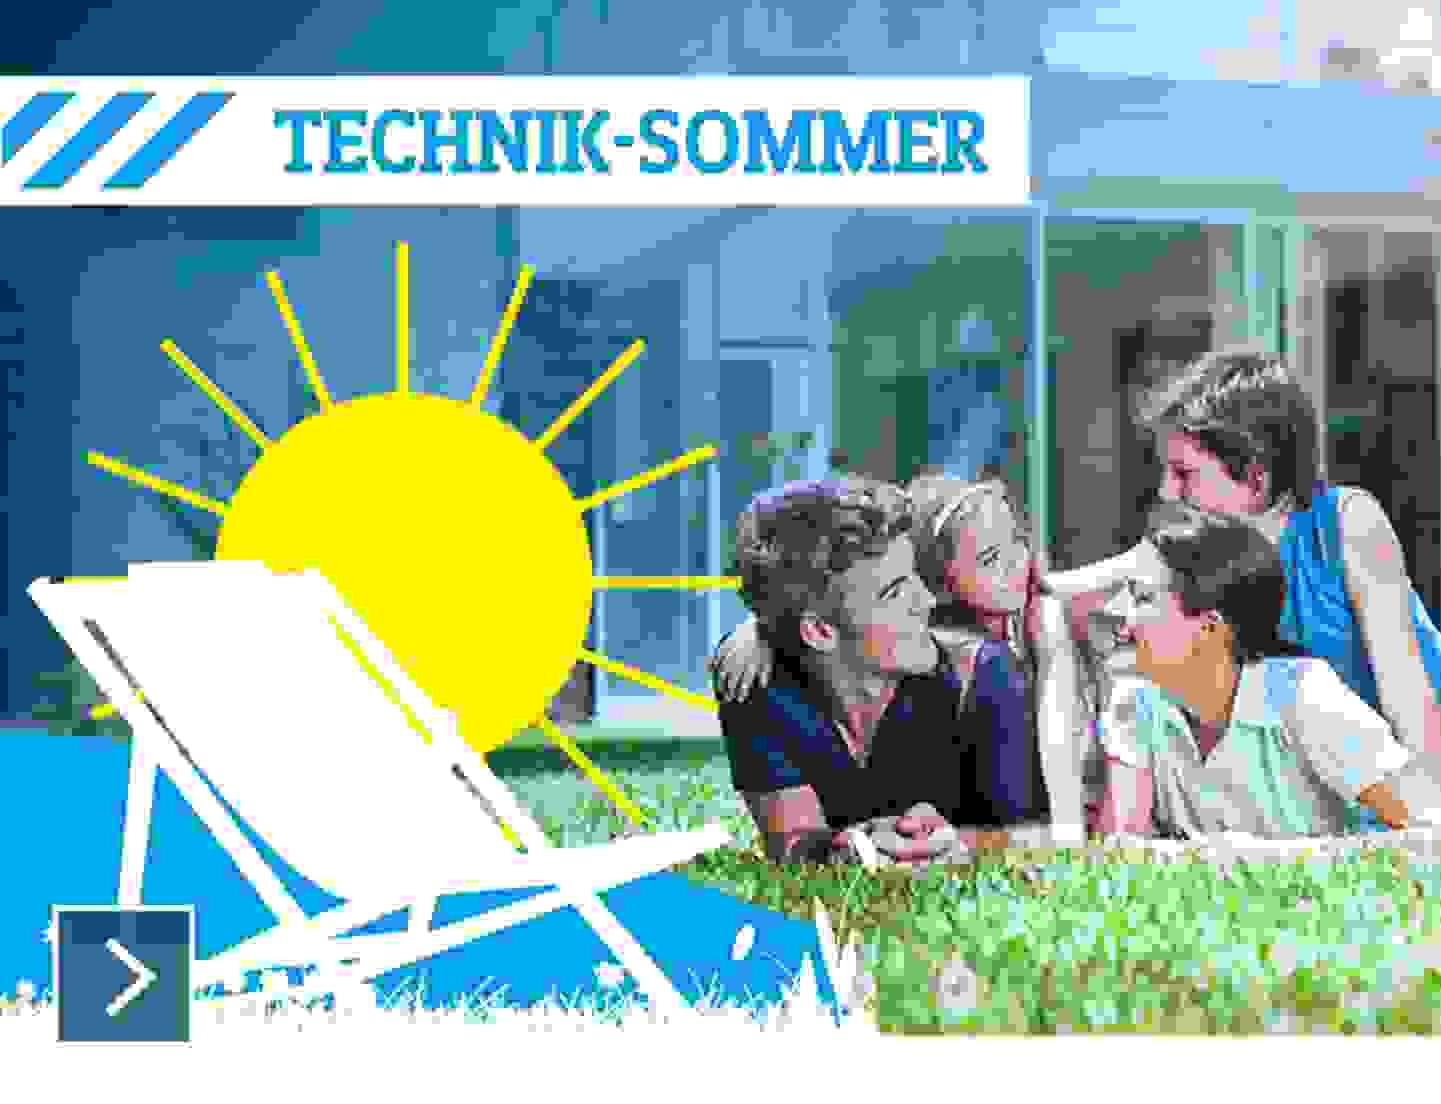 Technik-Sommer - Jetzt entdecken »